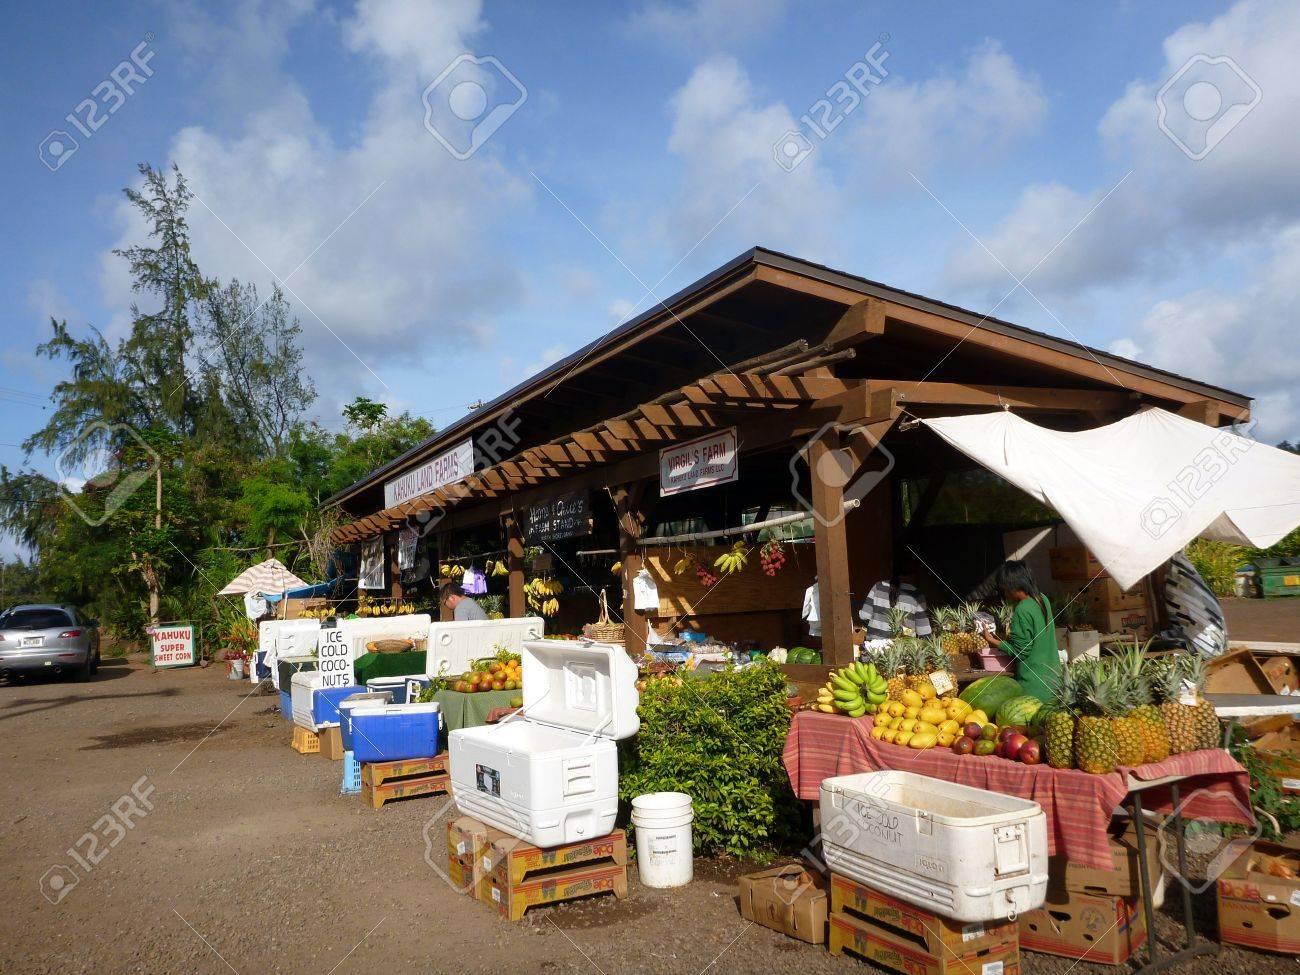 KAHUKU, HI - MAY 8: Kahuku Land Farms roadside shop sell friuts and veggies to people along the highway May 8, 2012 in Kahuku, Hawaii. Stock Photo - 18306247